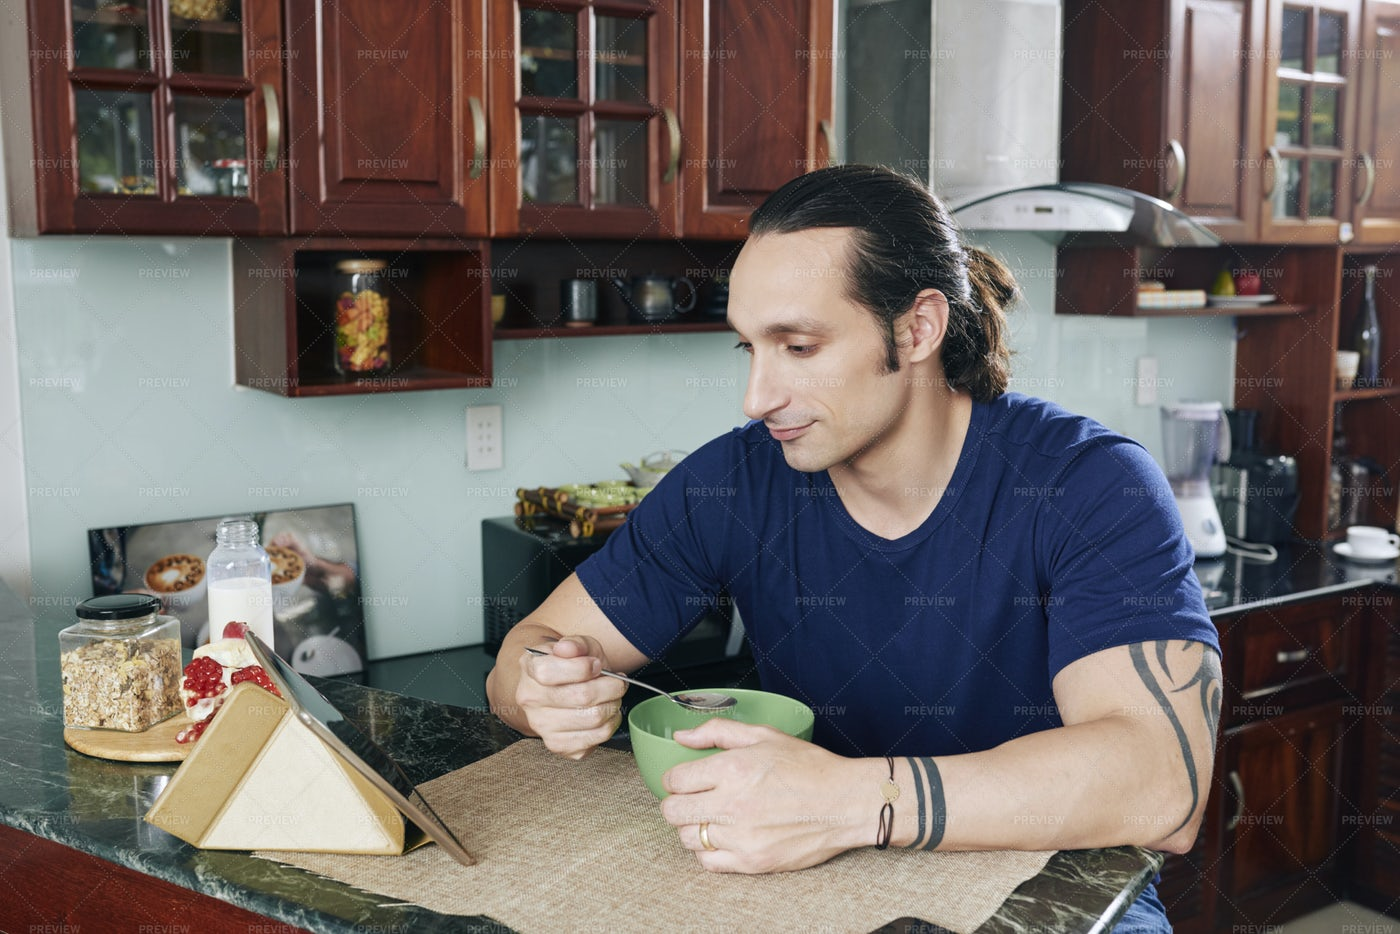 Man Having Breakfast In The Kitchen: Stock Photos